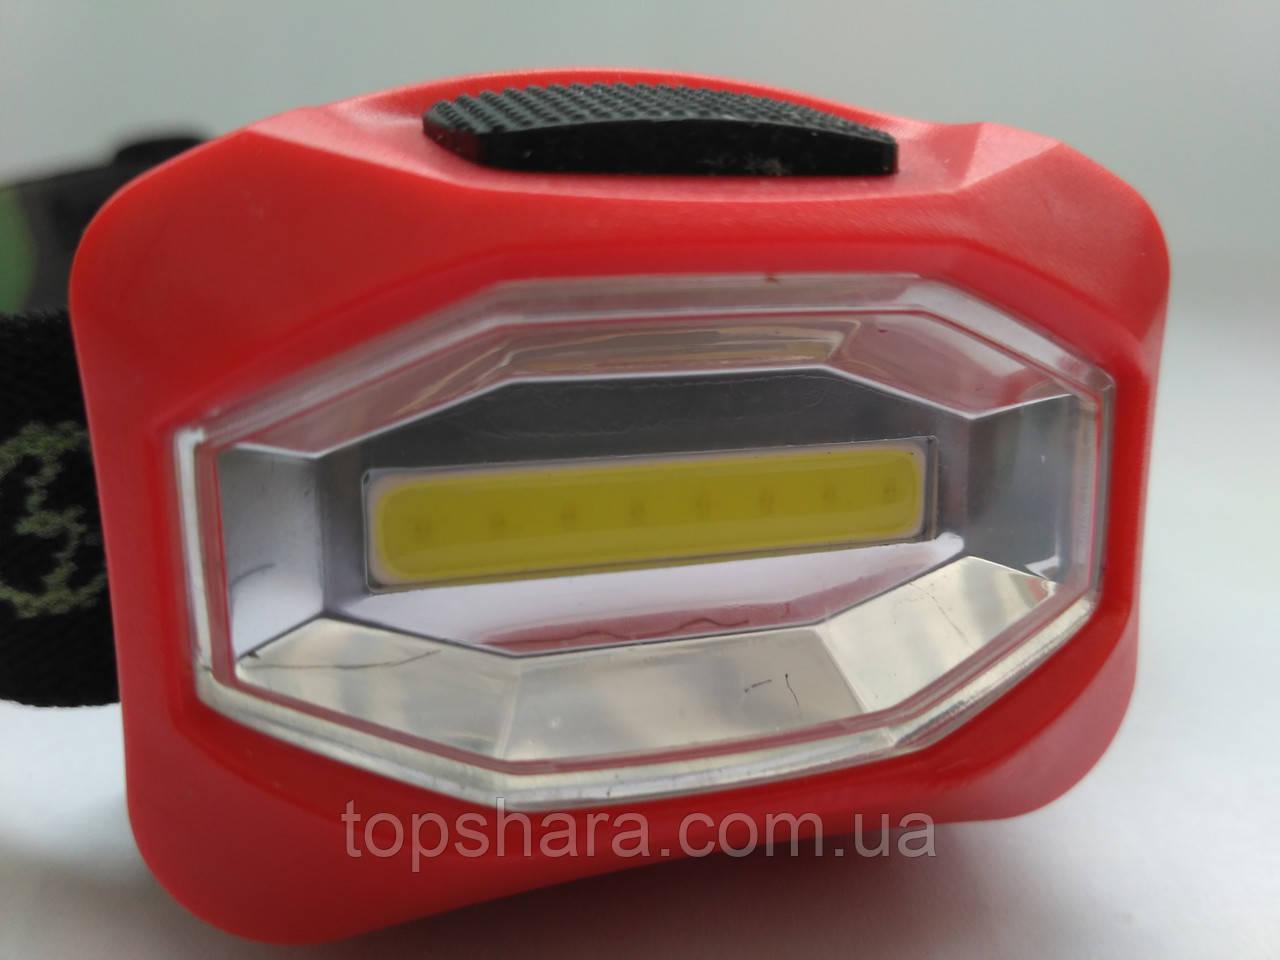 Налобный фонарь Bailong BL-3088-COB, фонарик красный